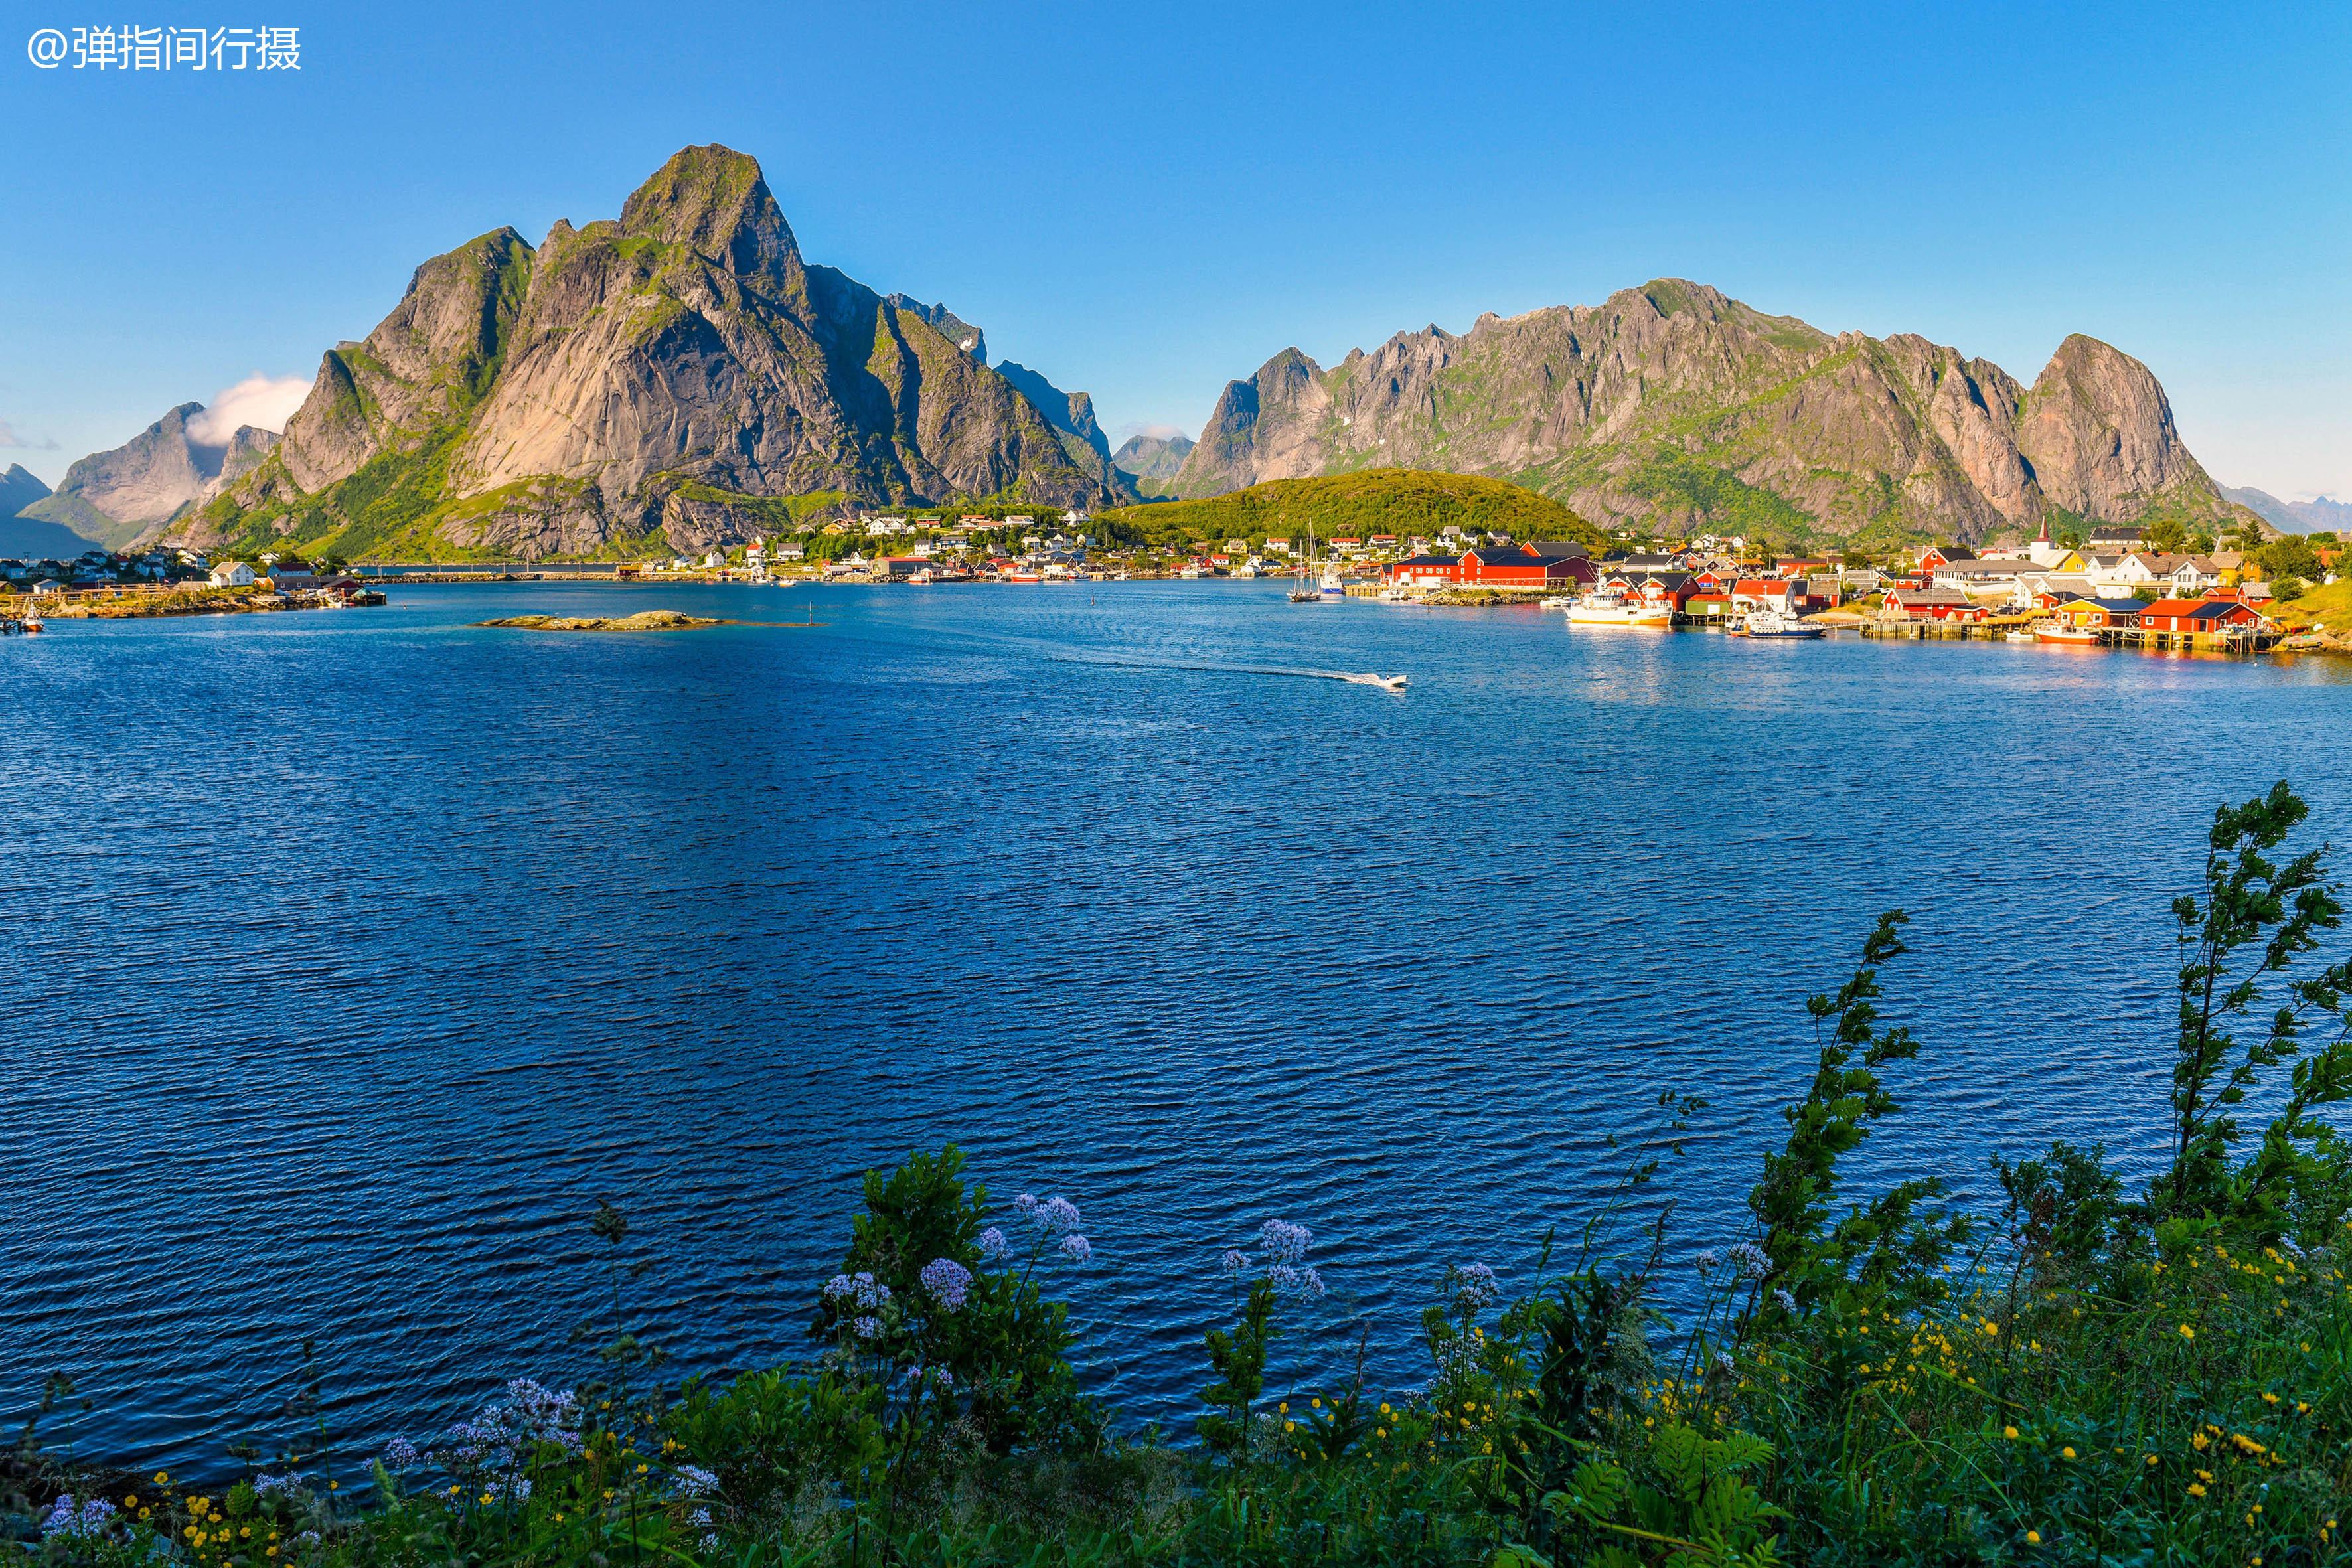 挪威最美的风景在这里,渔村人烟稀少,每年却有10万游客蜂拥而至